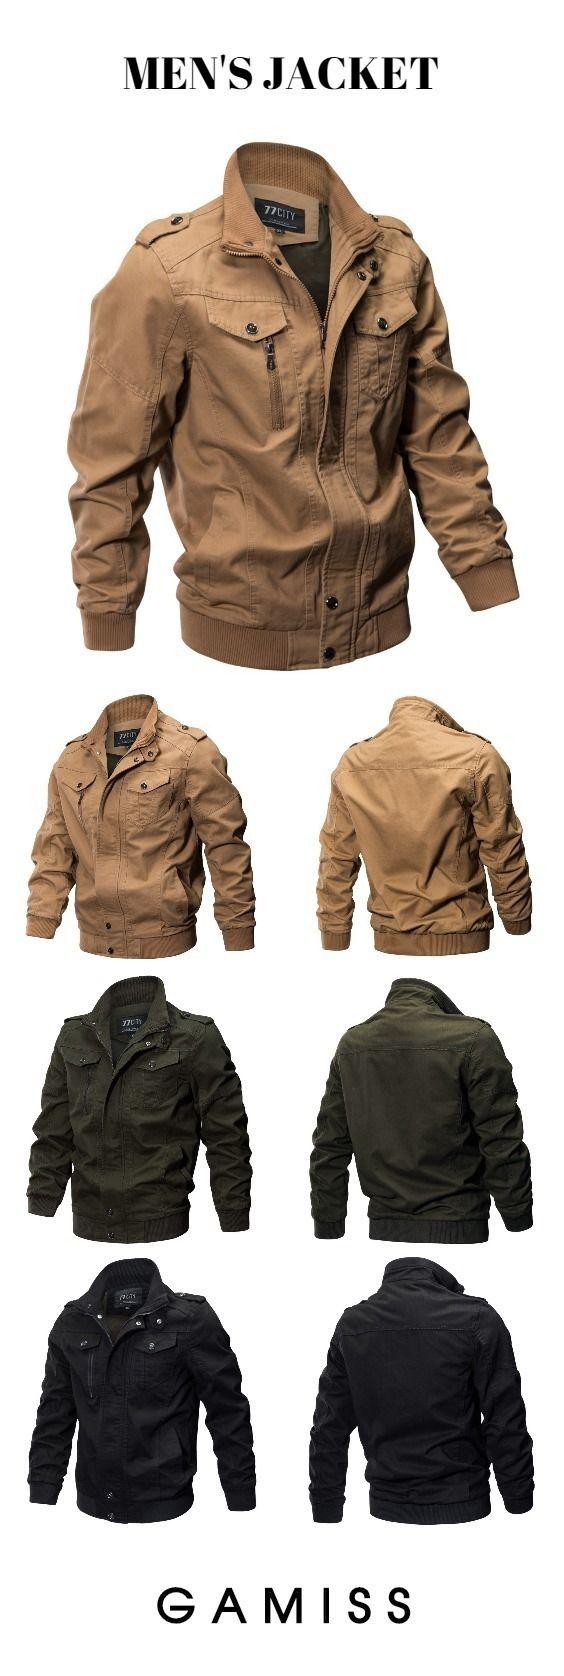 New Large Size Coat Washed Cotton Jacket | Mens fashion